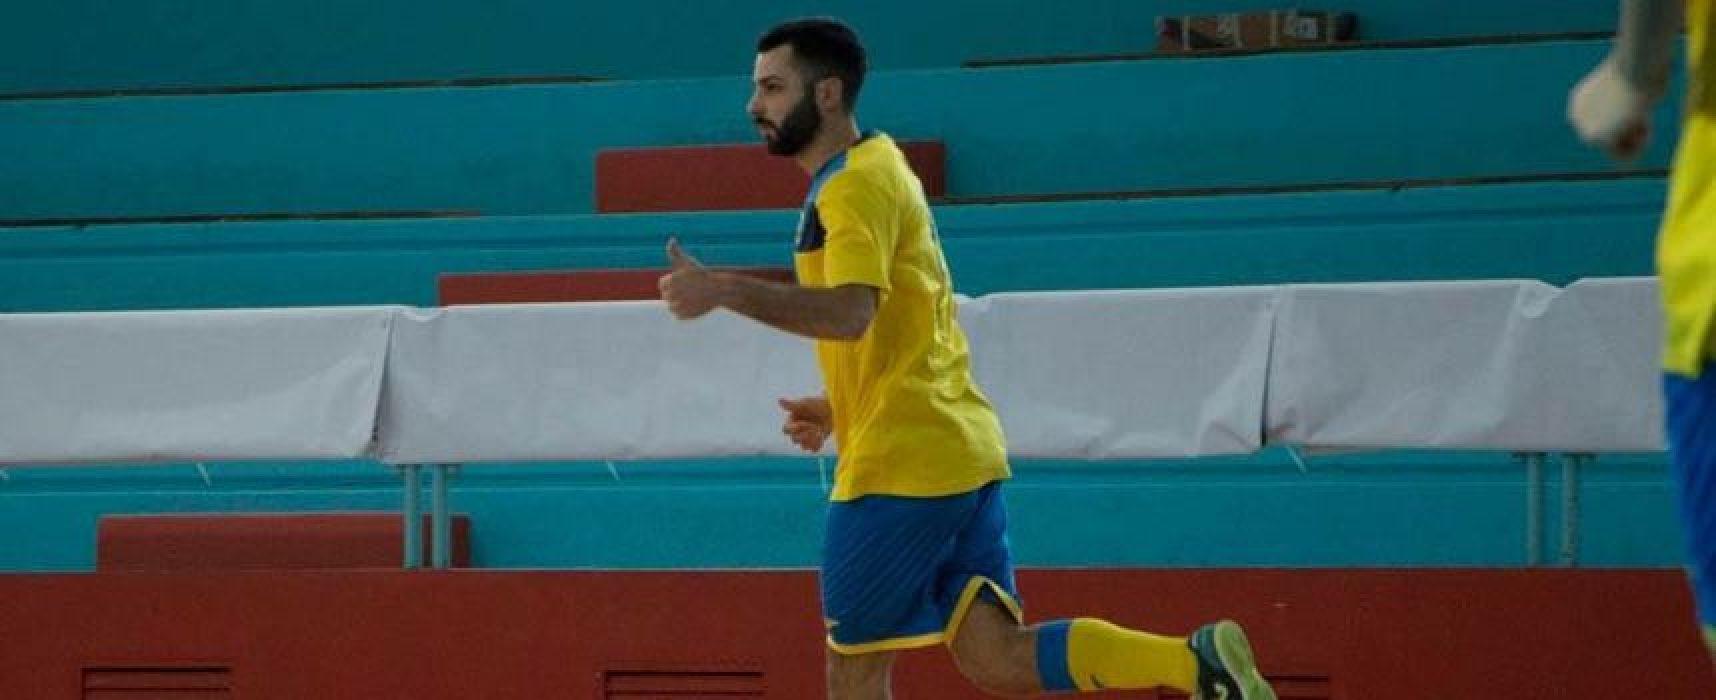 Esordio positivo per il Futsal Bisceglie, superato il Canosa in Coppa della Divisione